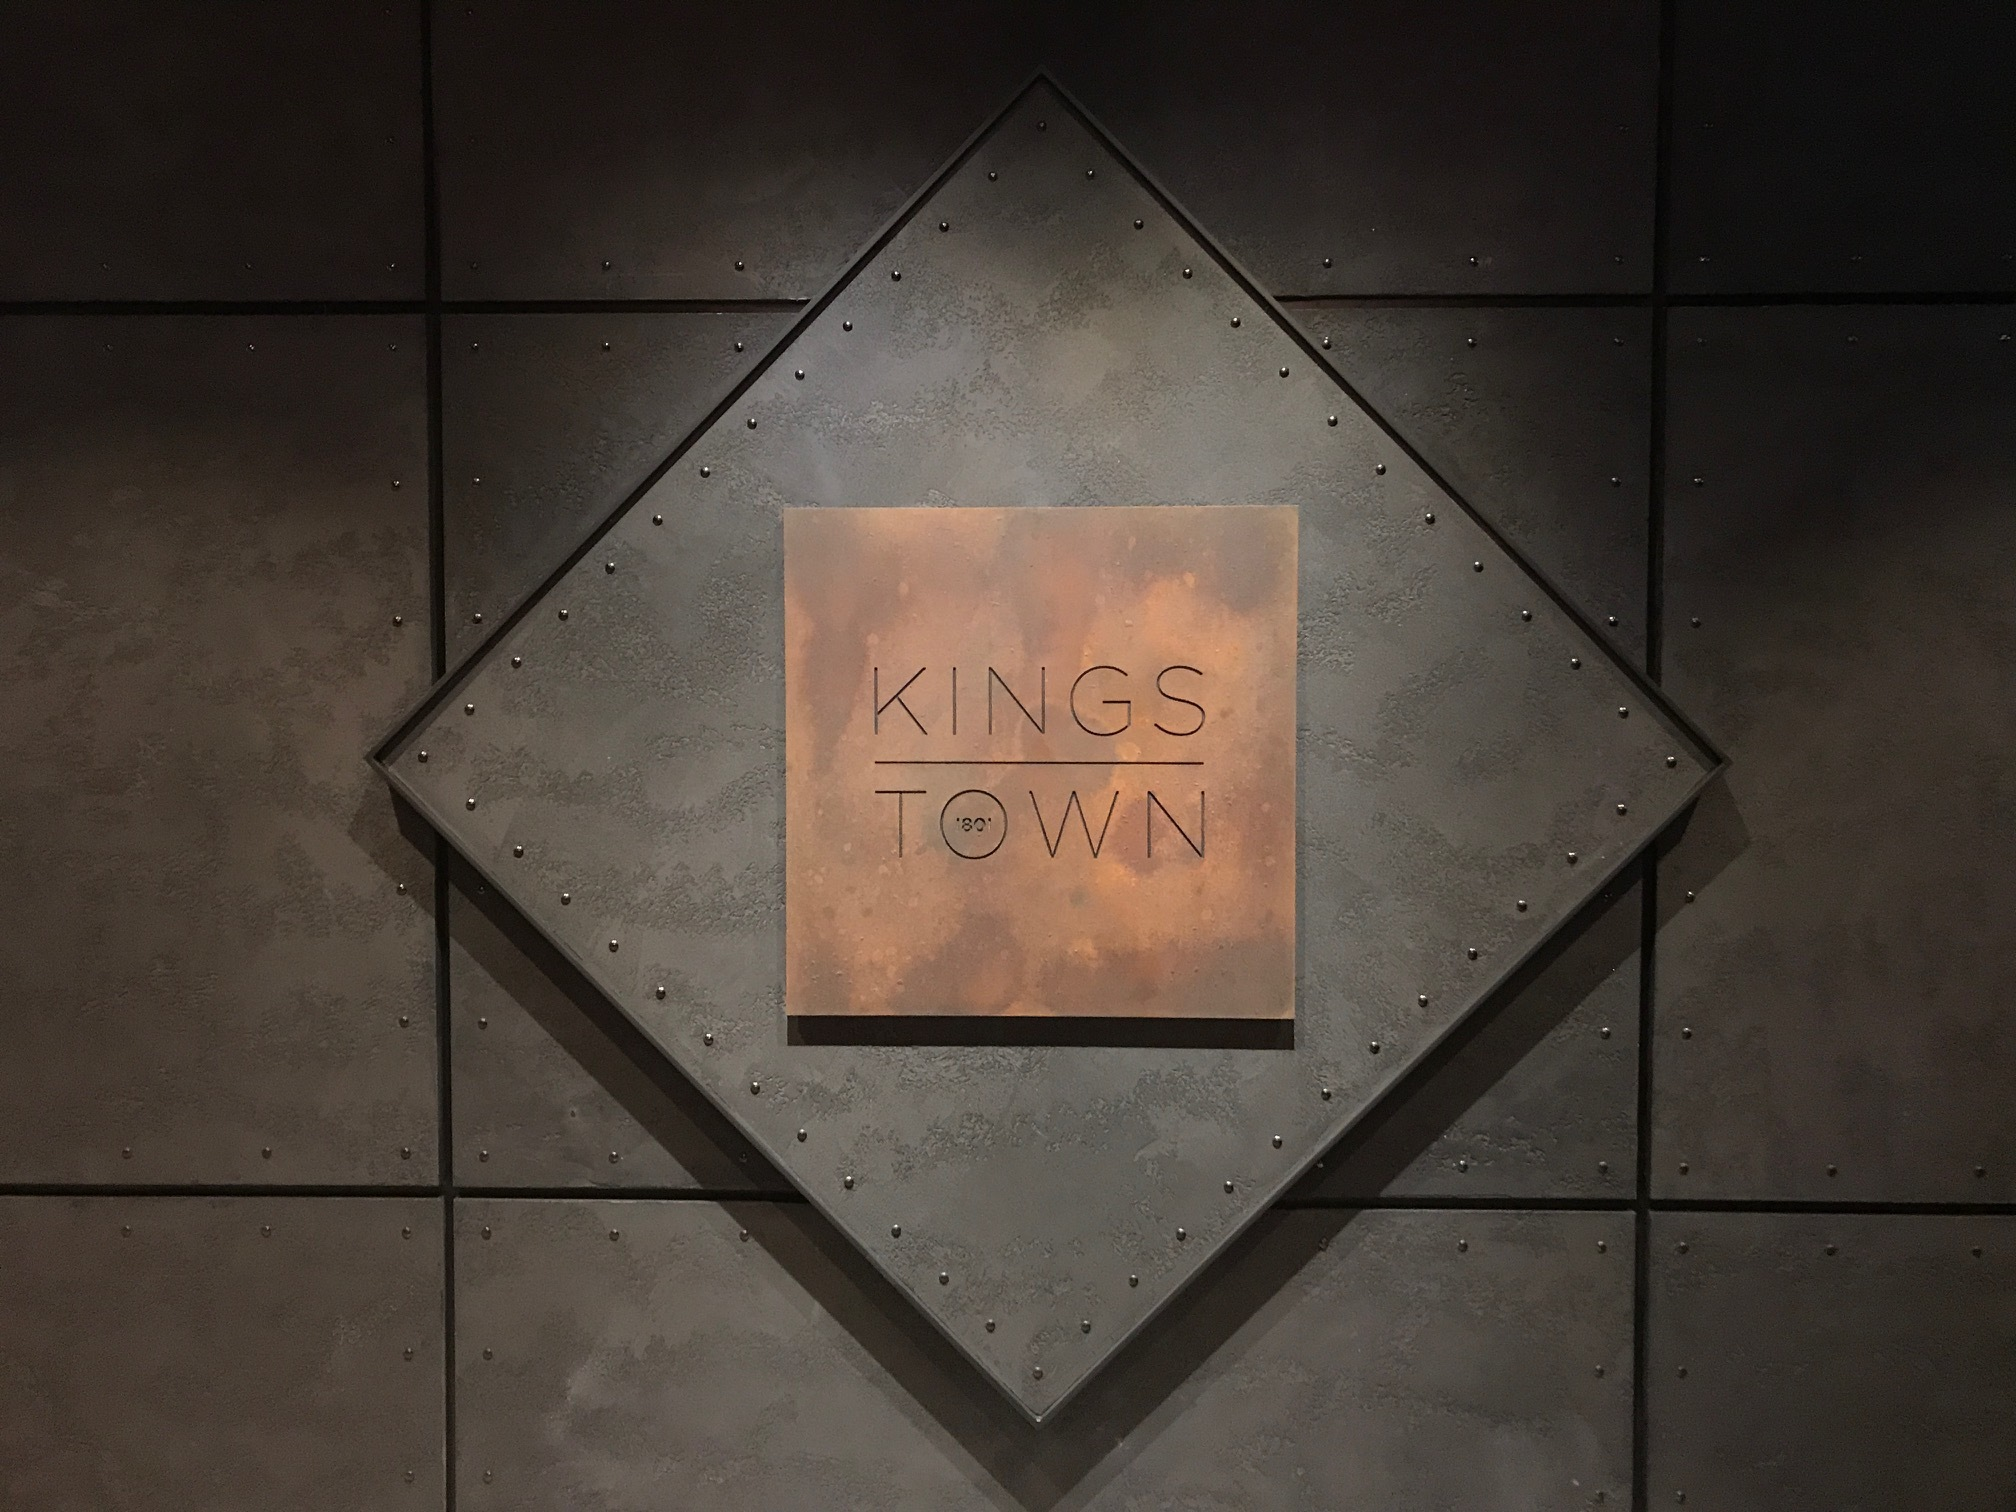 Kignstownbar Sign